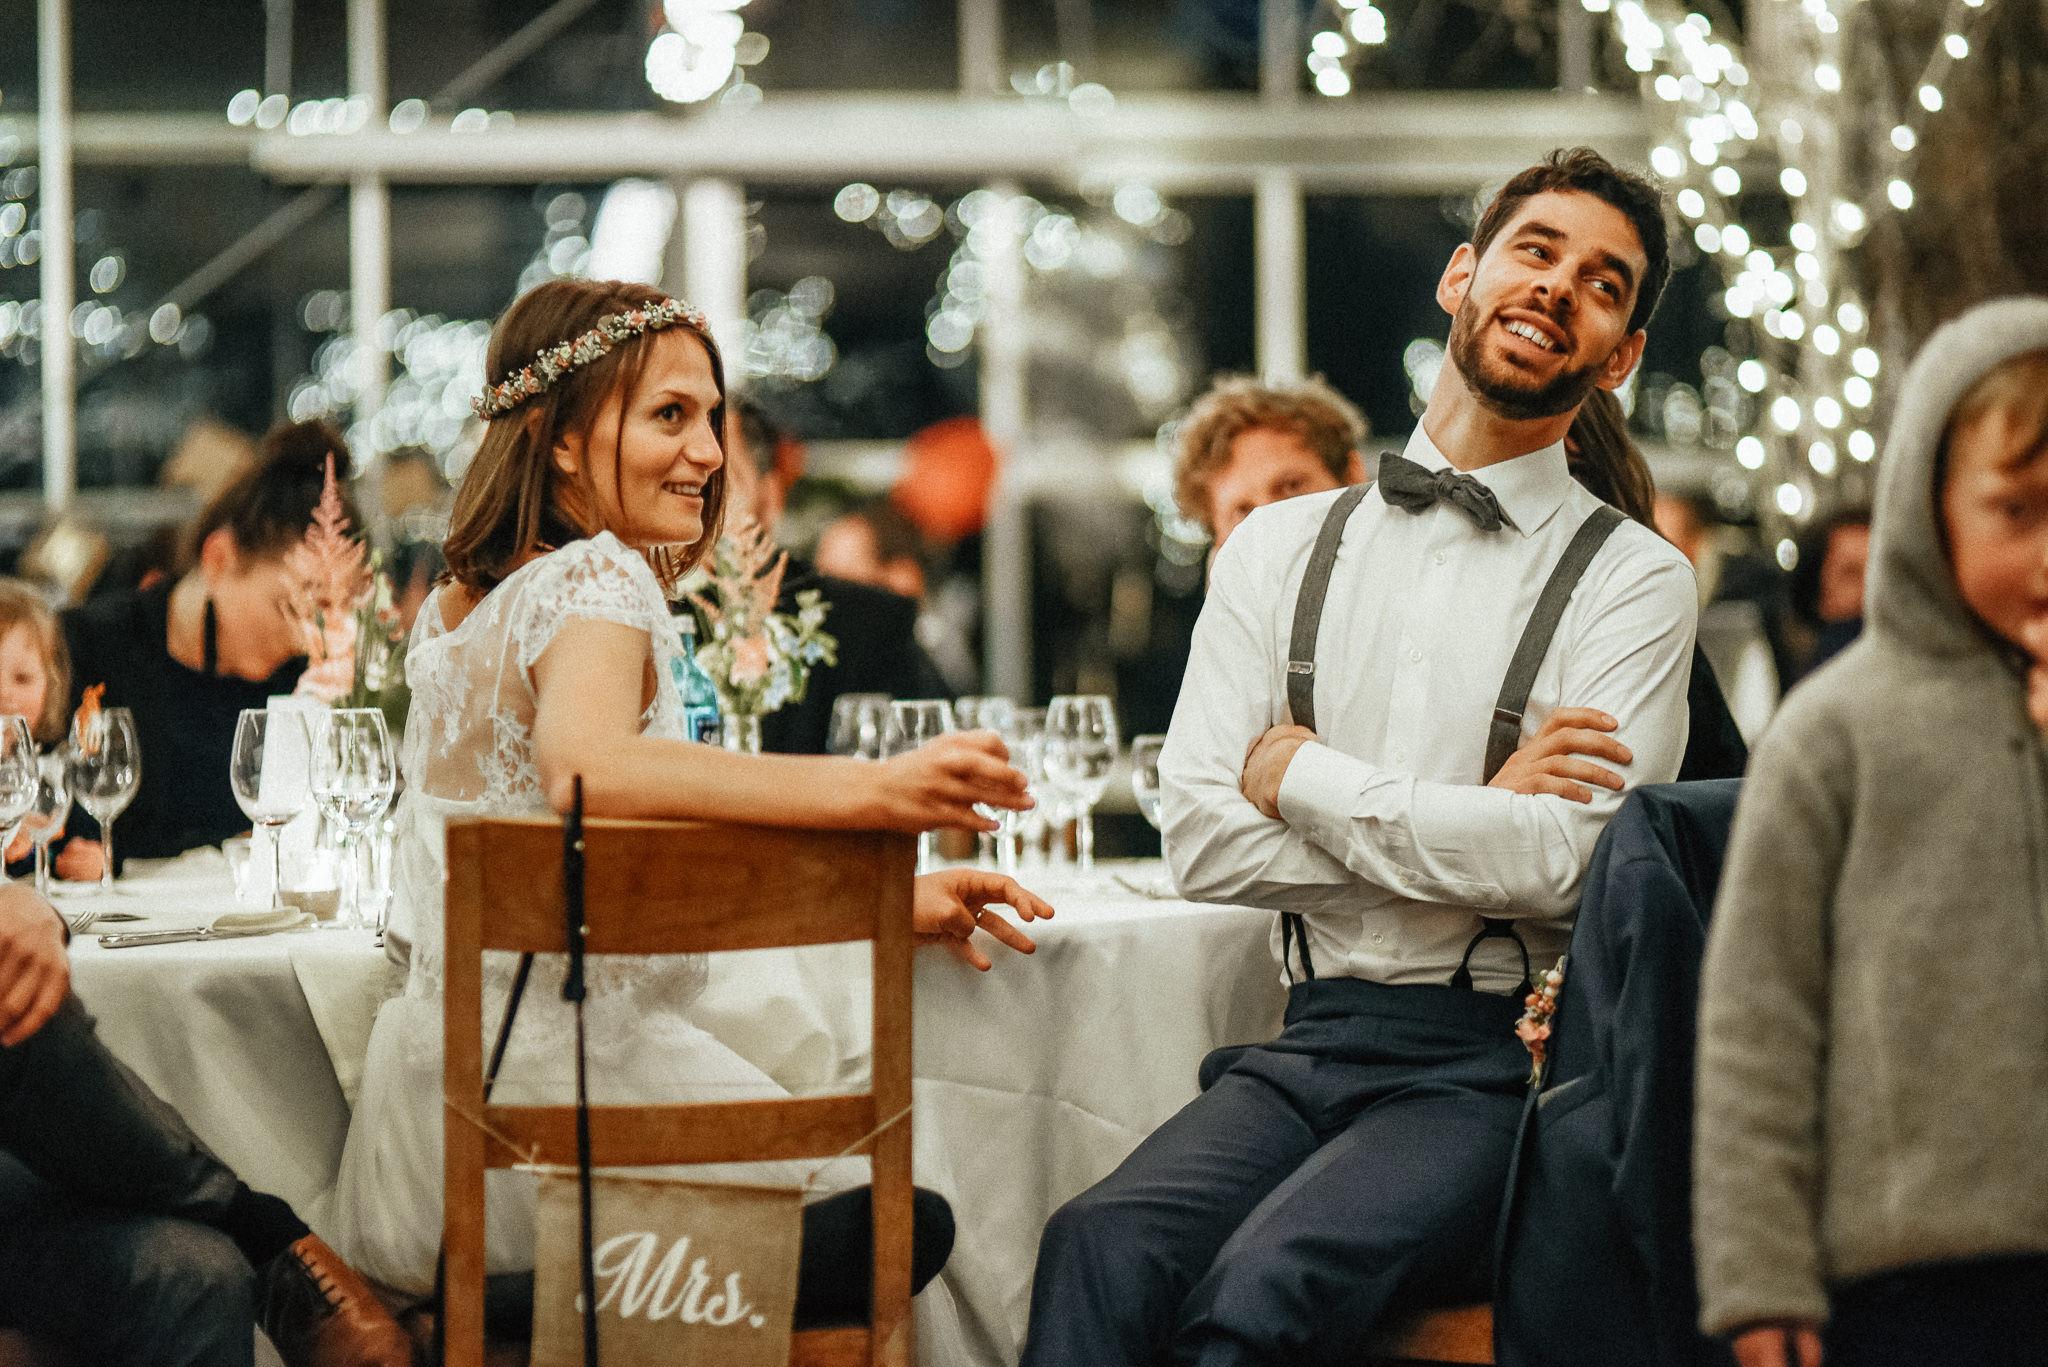 Timo Hess Fotografie Hochzeitsfotograf Würzburg Hochzeit in Aachen Teresa und Nils Hochzeitsreportage